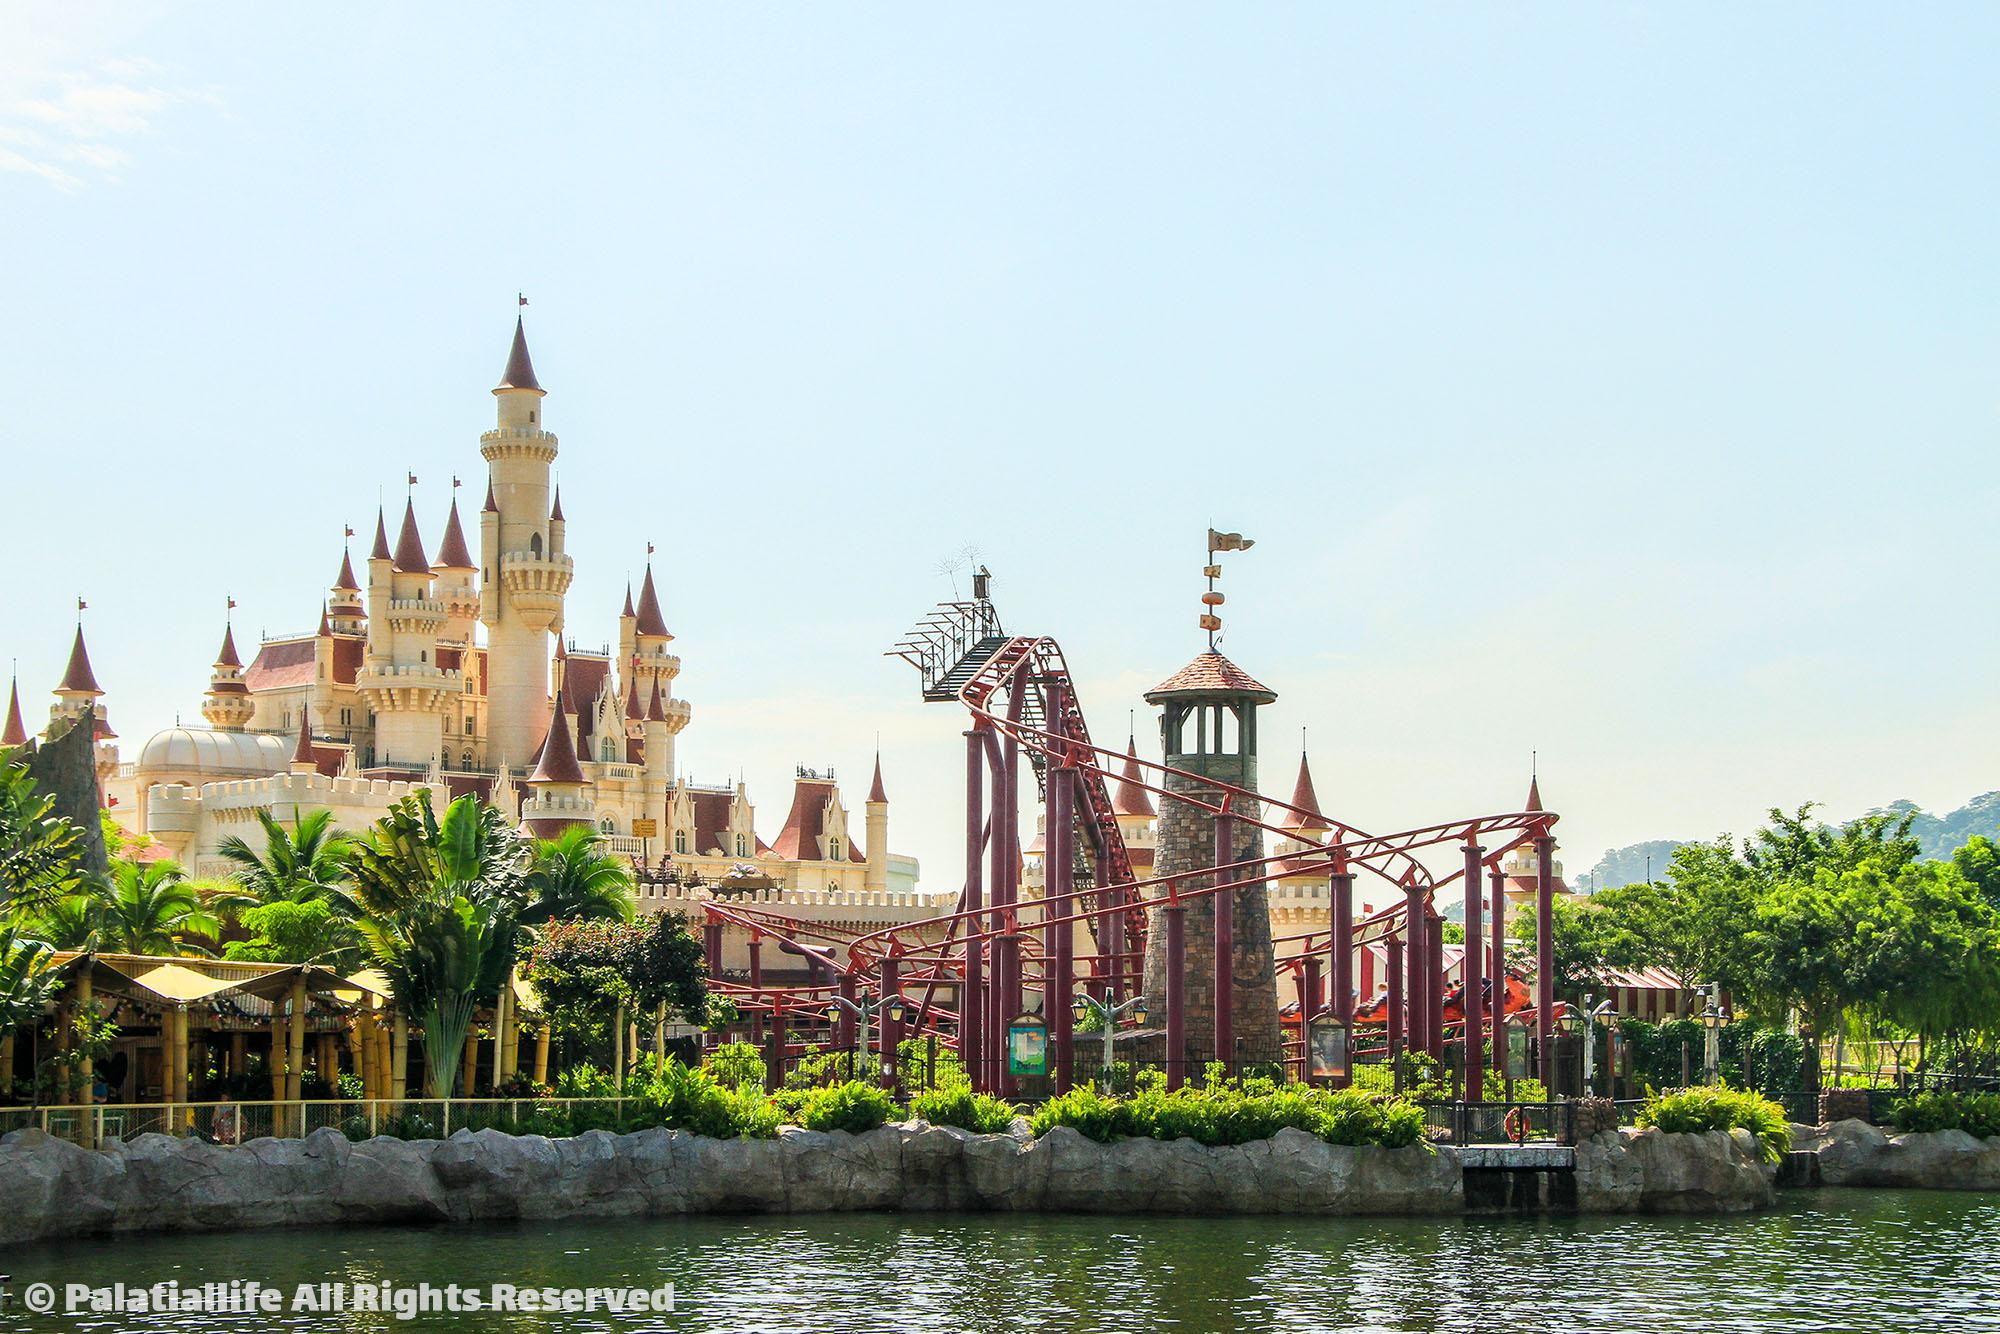 ยูนิเวอร์แซล สตูดิโอ Universal Studios  สิงคโปร์ เที่ยวเตร็ดเตร่ไปตาม 5 ย่านยอดฮิตที่ไม่ควรพลาด IMG 9743